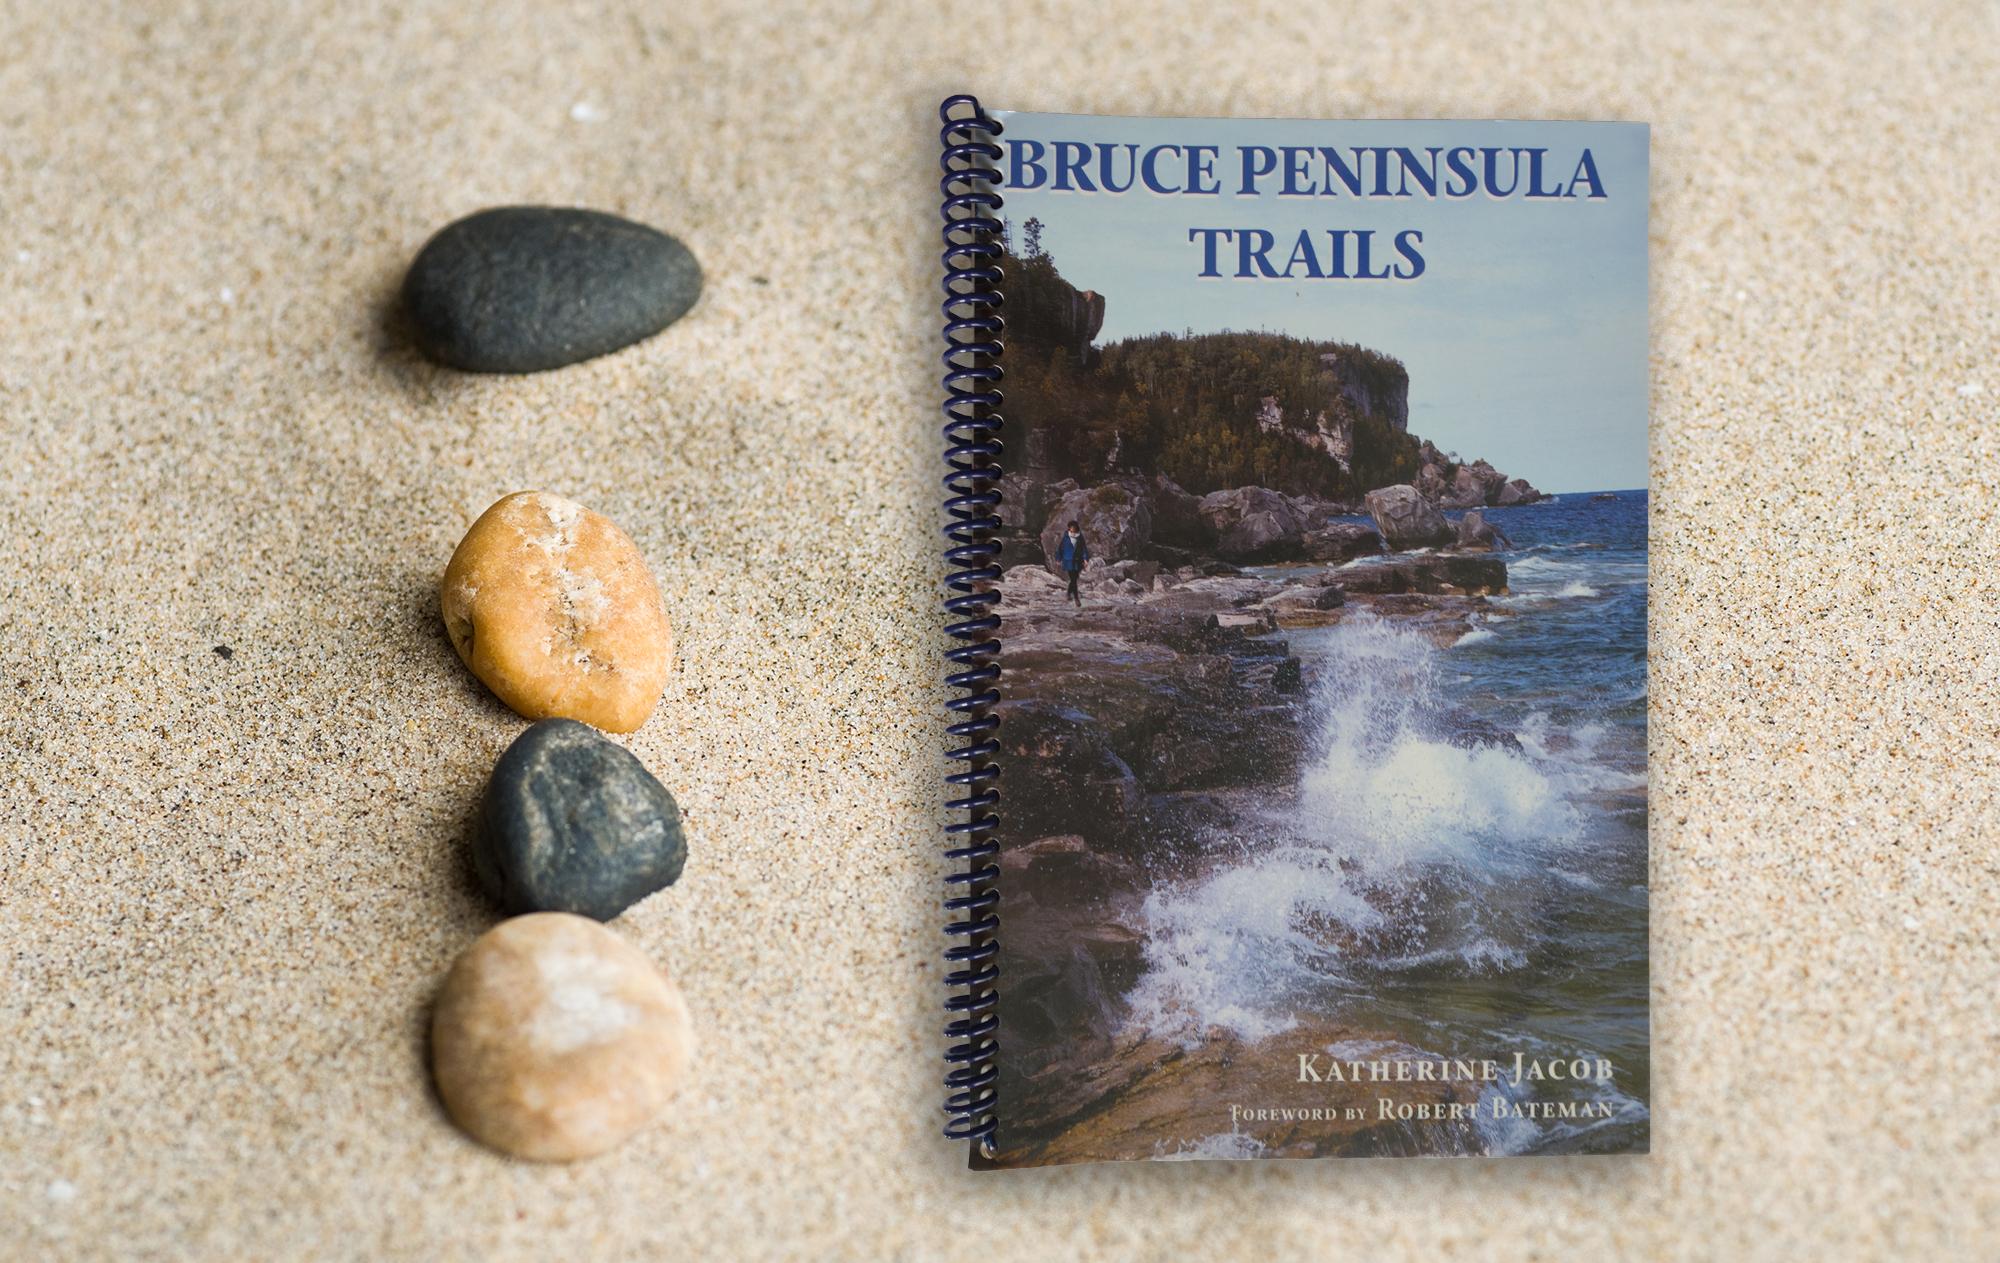 Bruce Peninsula Trails